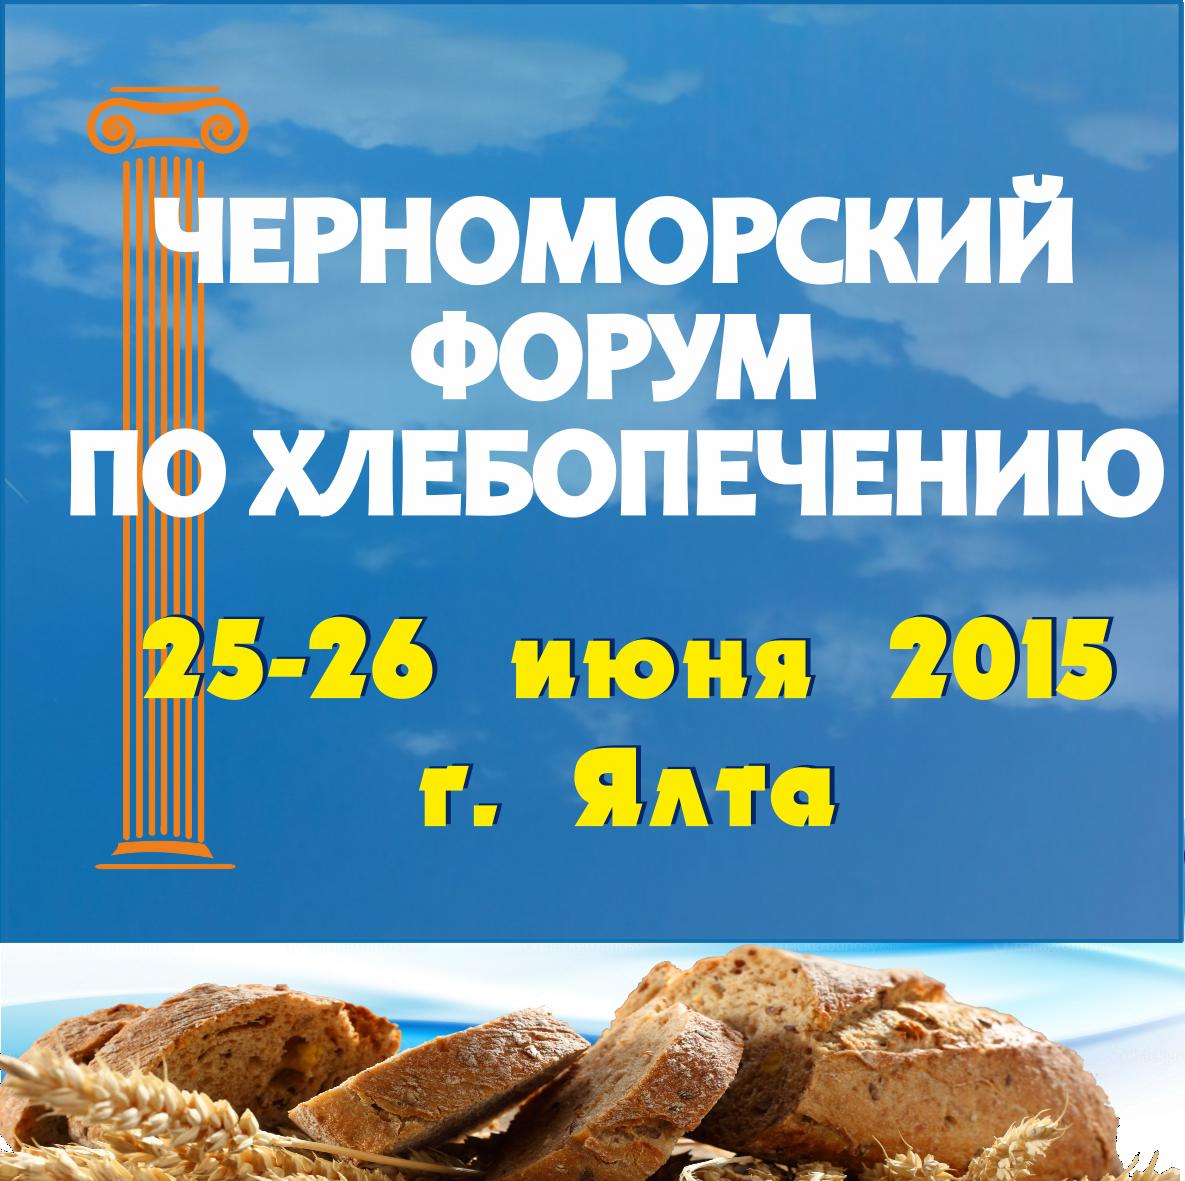 В Ялте состоится форум пекарей